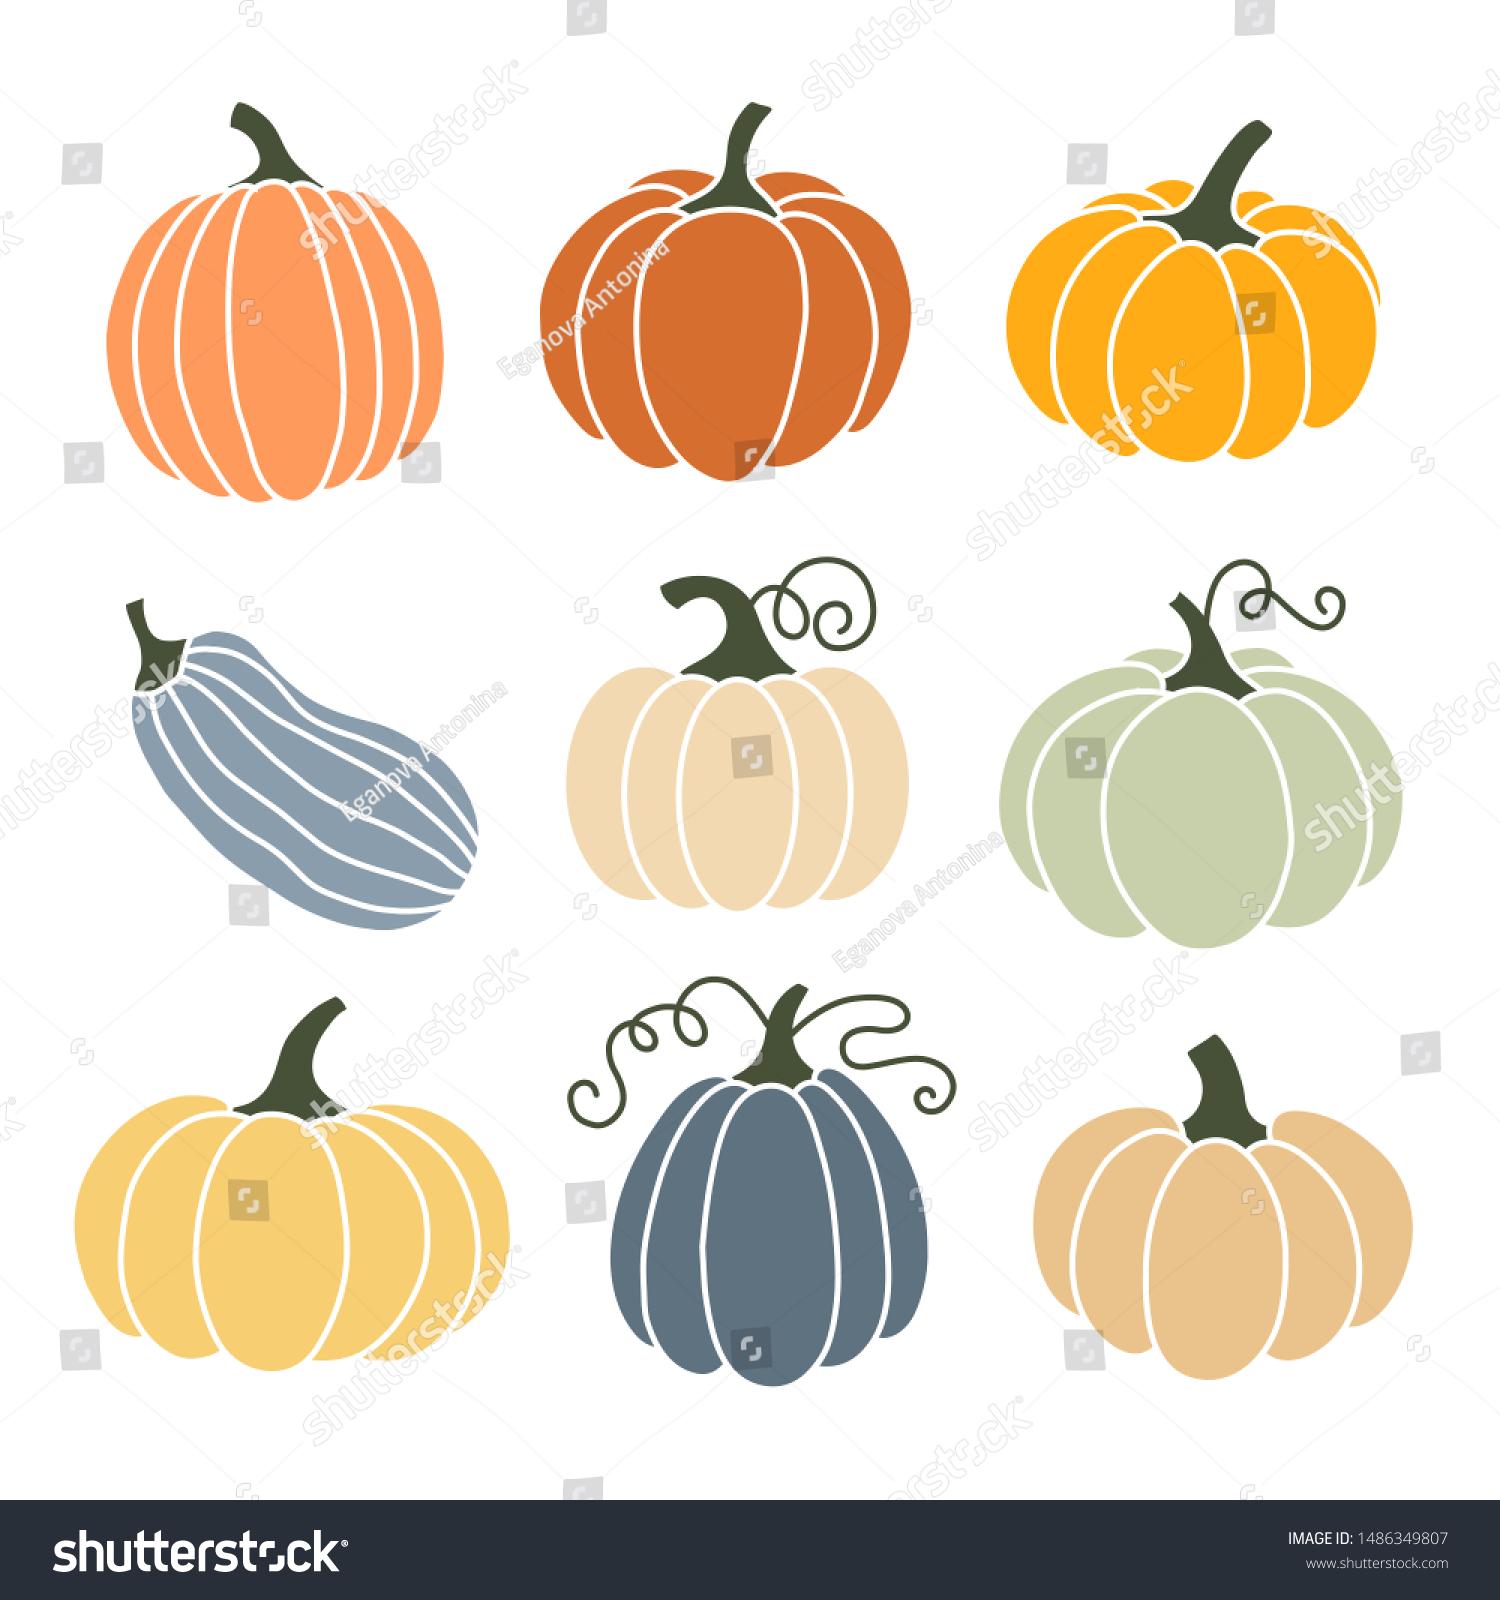 Citrouille de différentes formes et couleurs.  image vectorielle ...